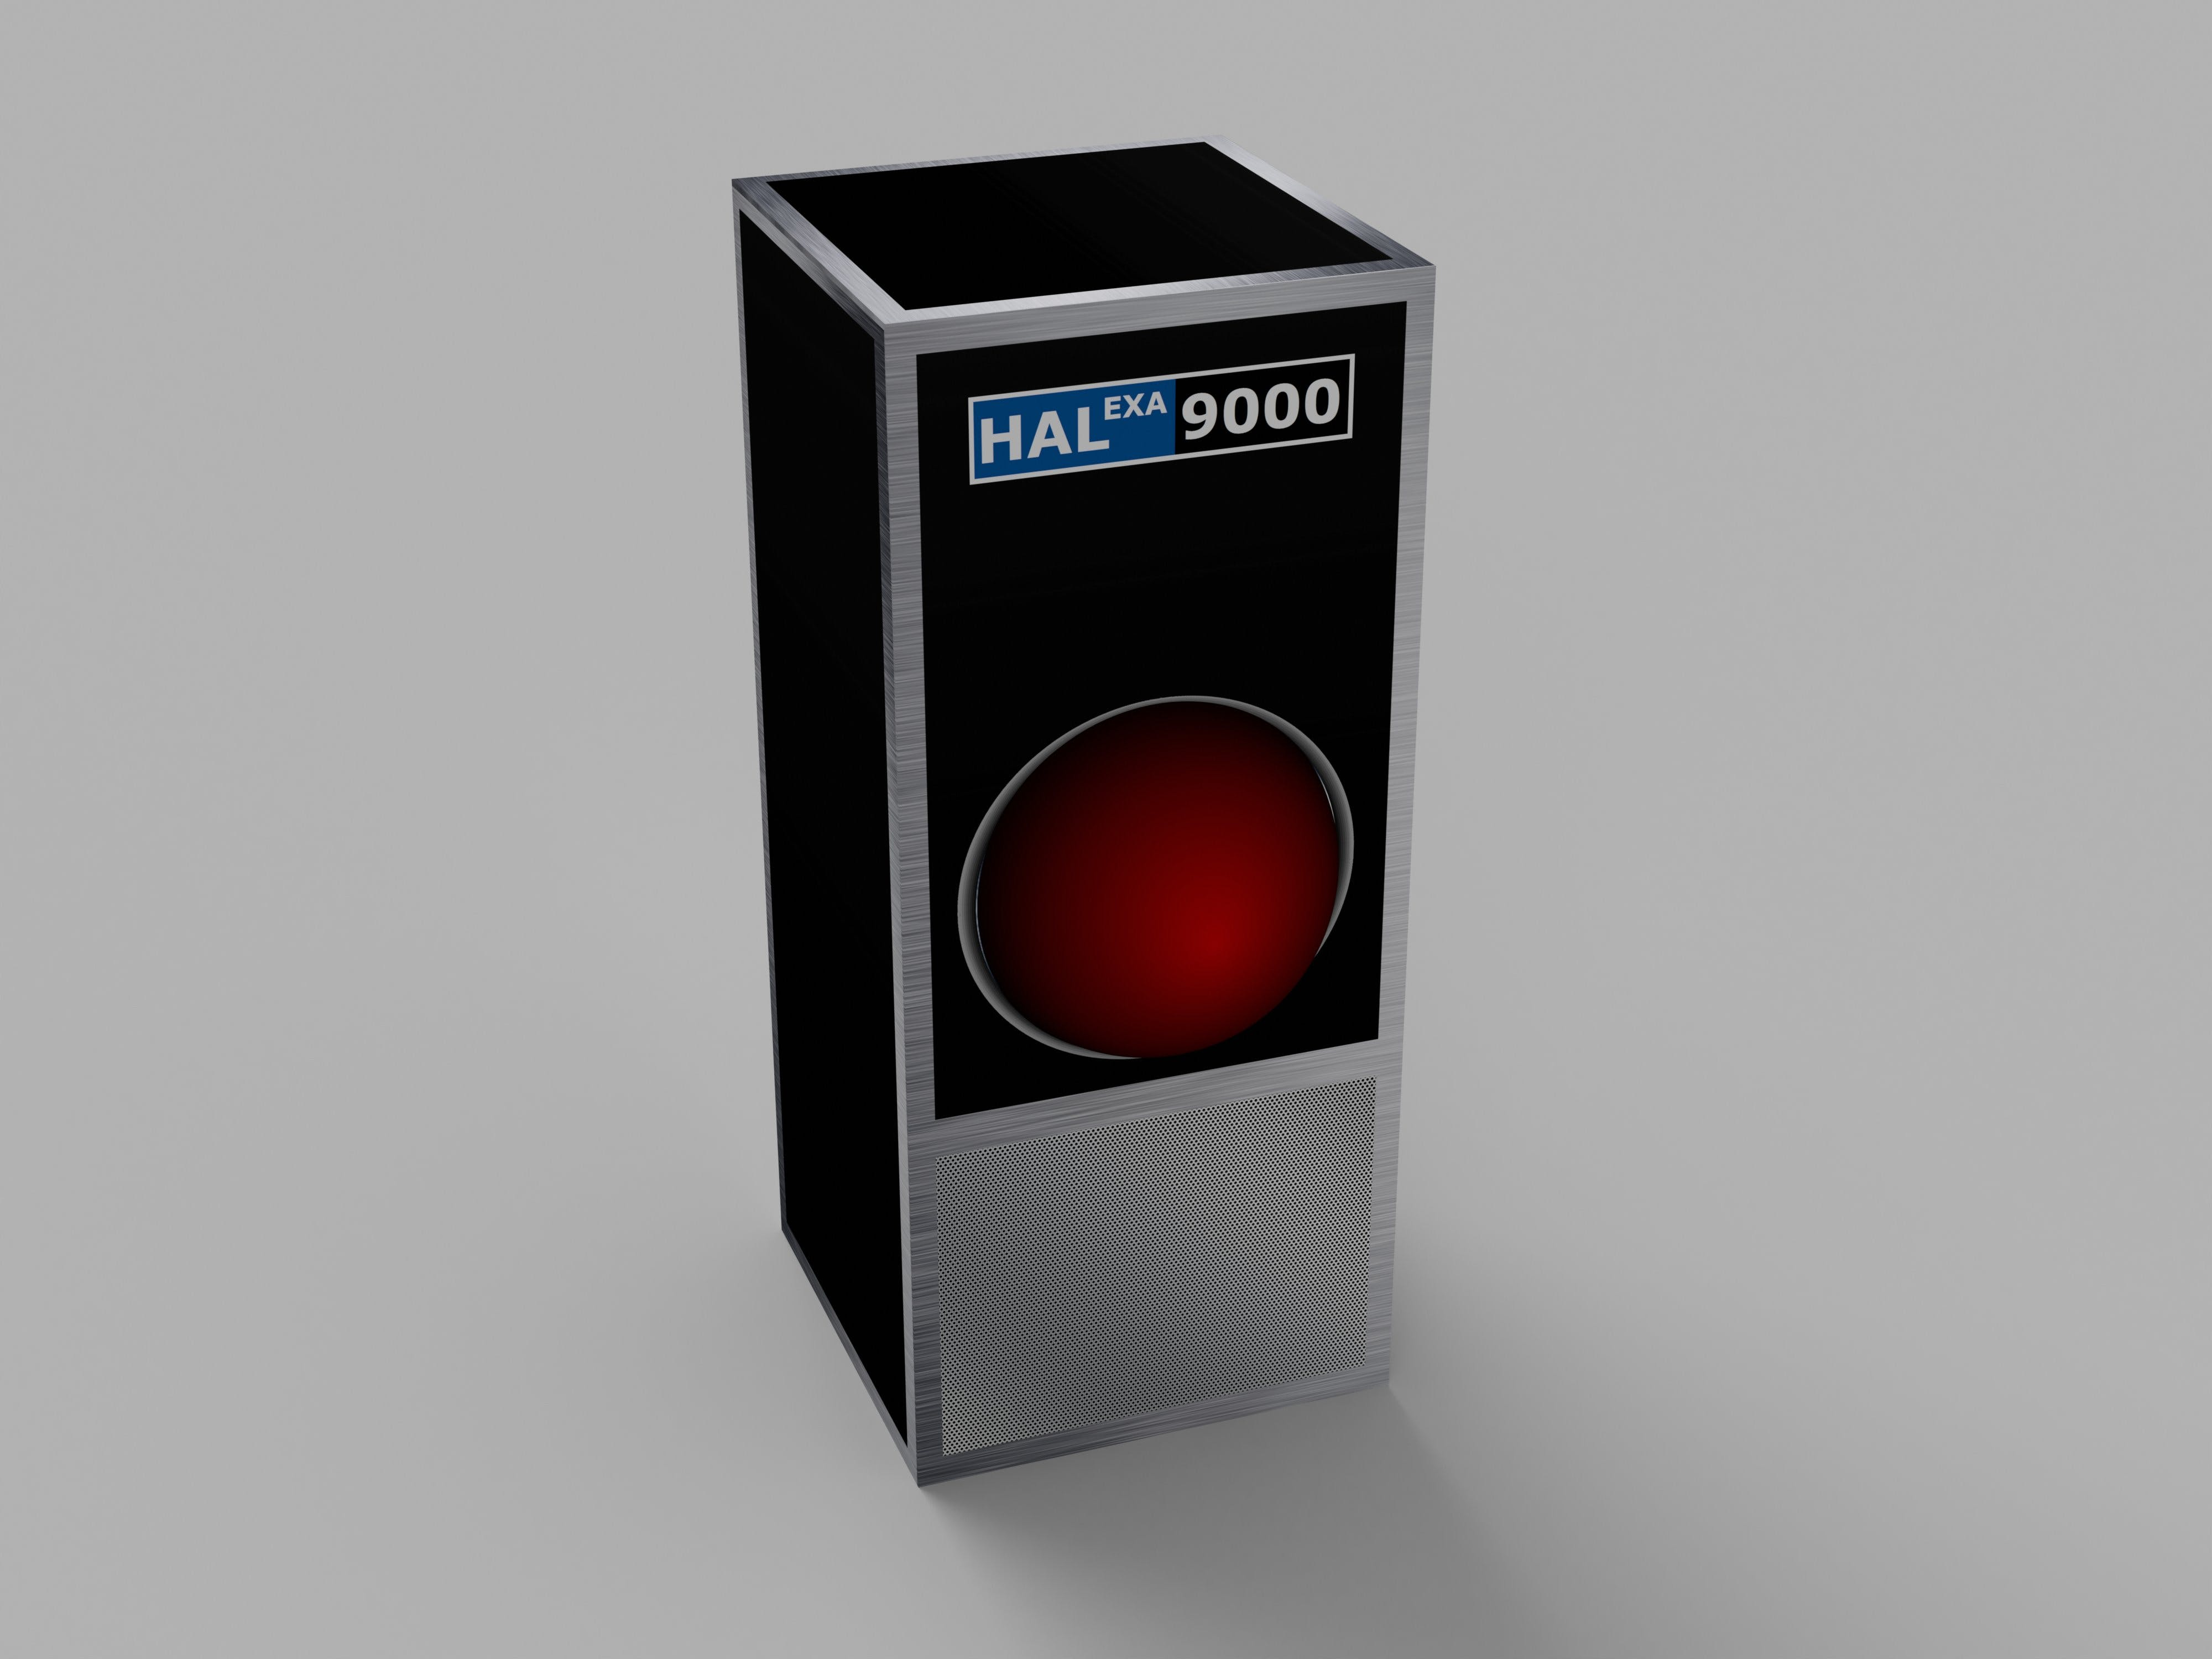 HALexa 9000